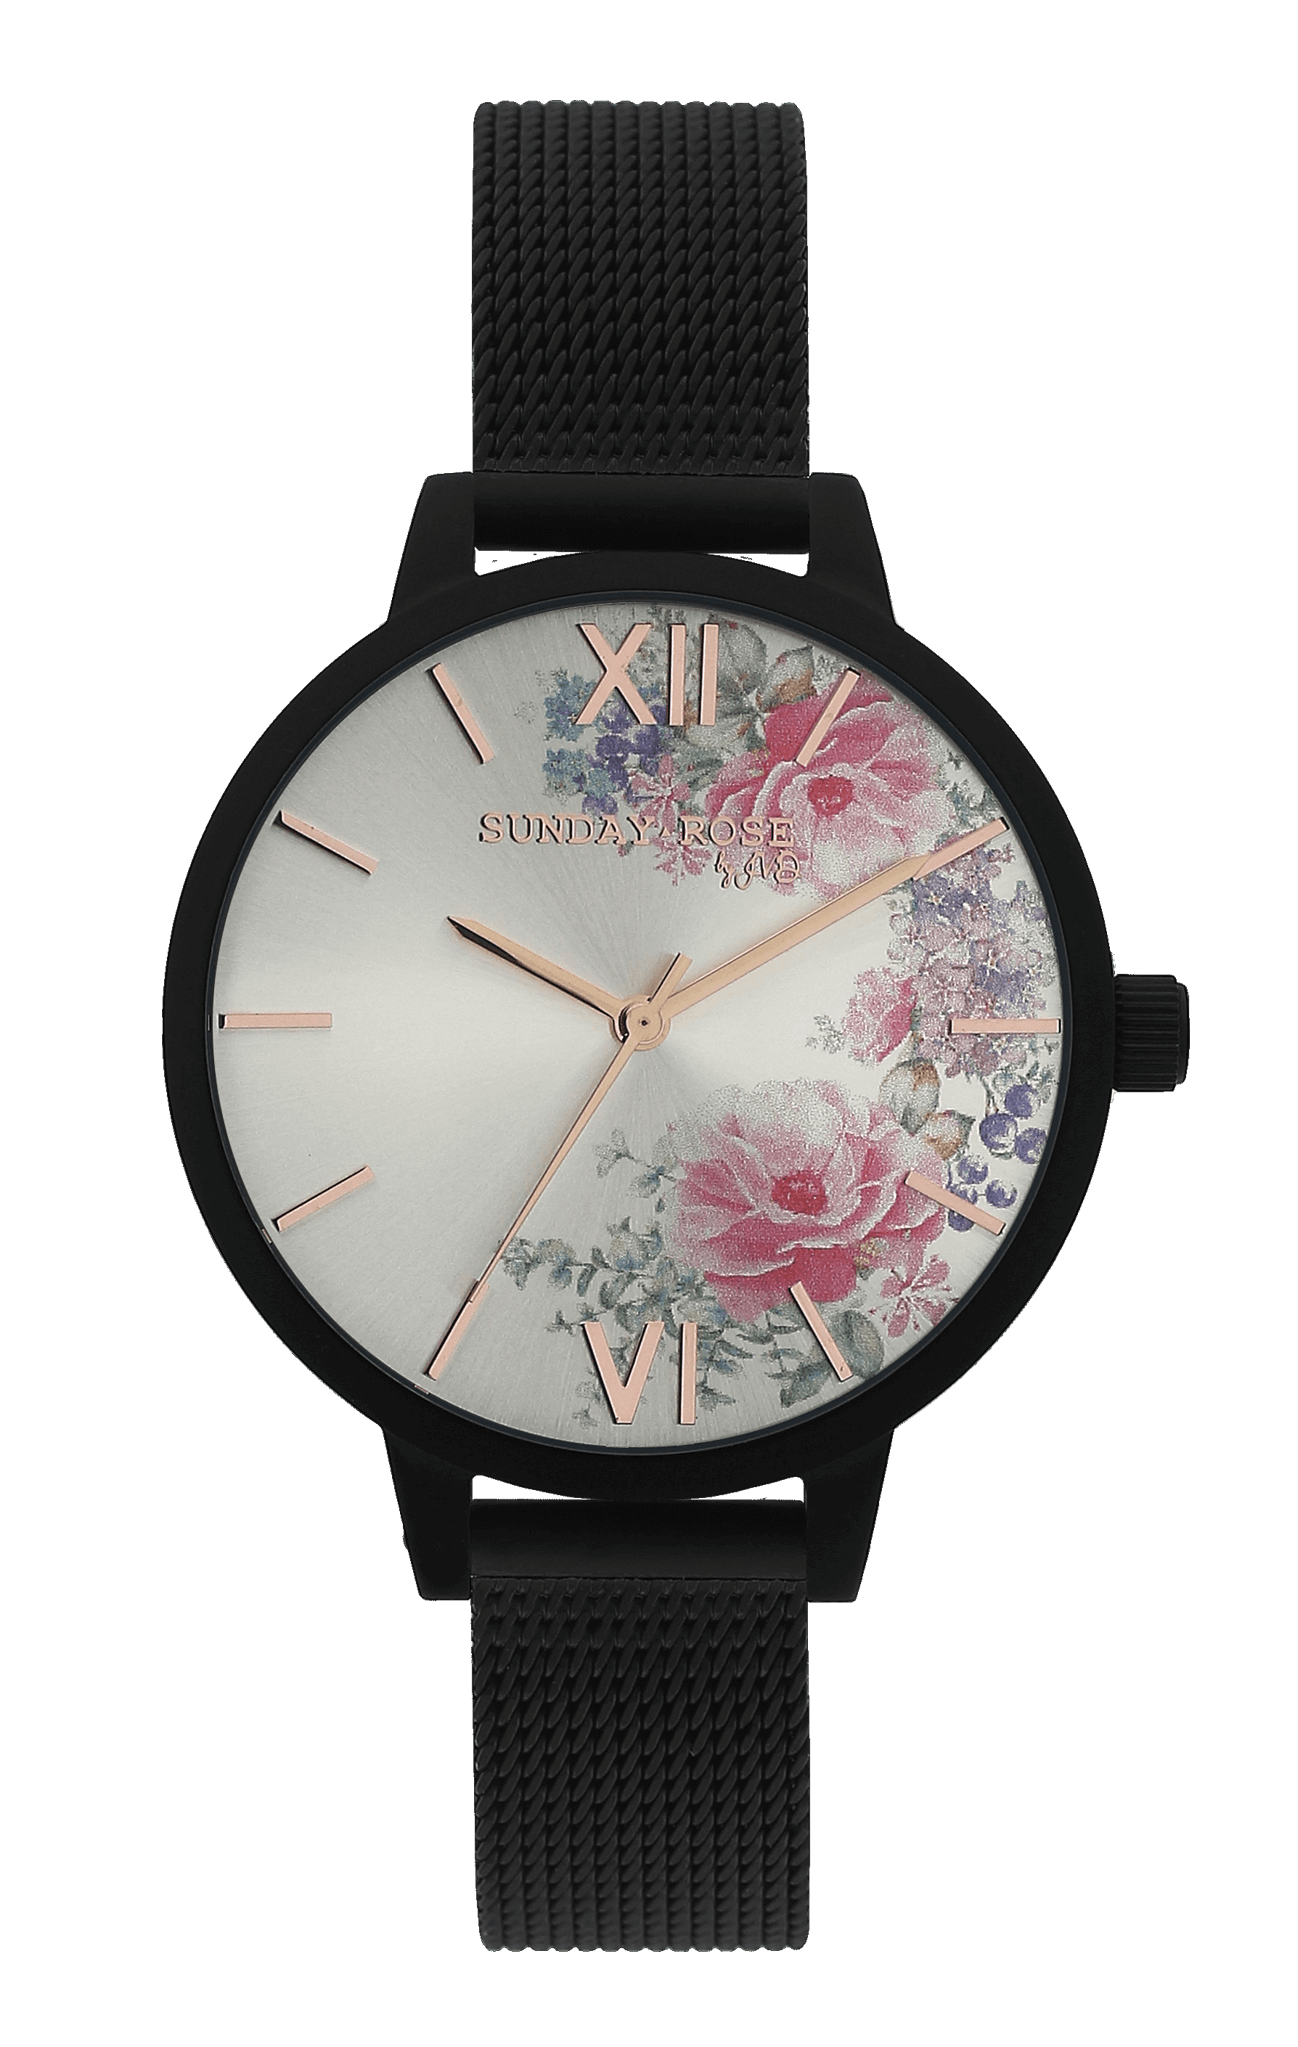 Dámské luxusní designové černé hodinky SUNDAY ROSE Fashion MIDNIGHT BLOSSOM 5fb545b1bf